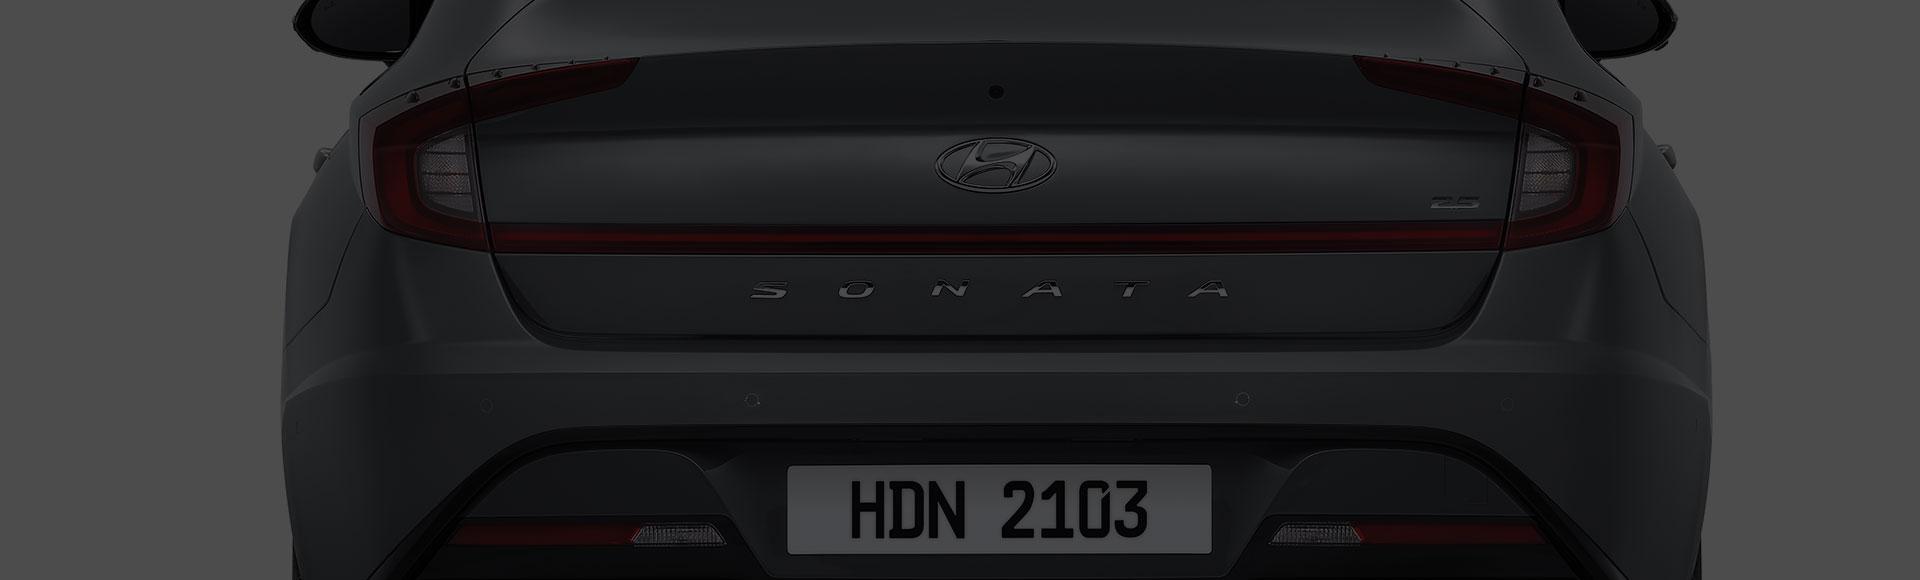 Sonata exterior rear design